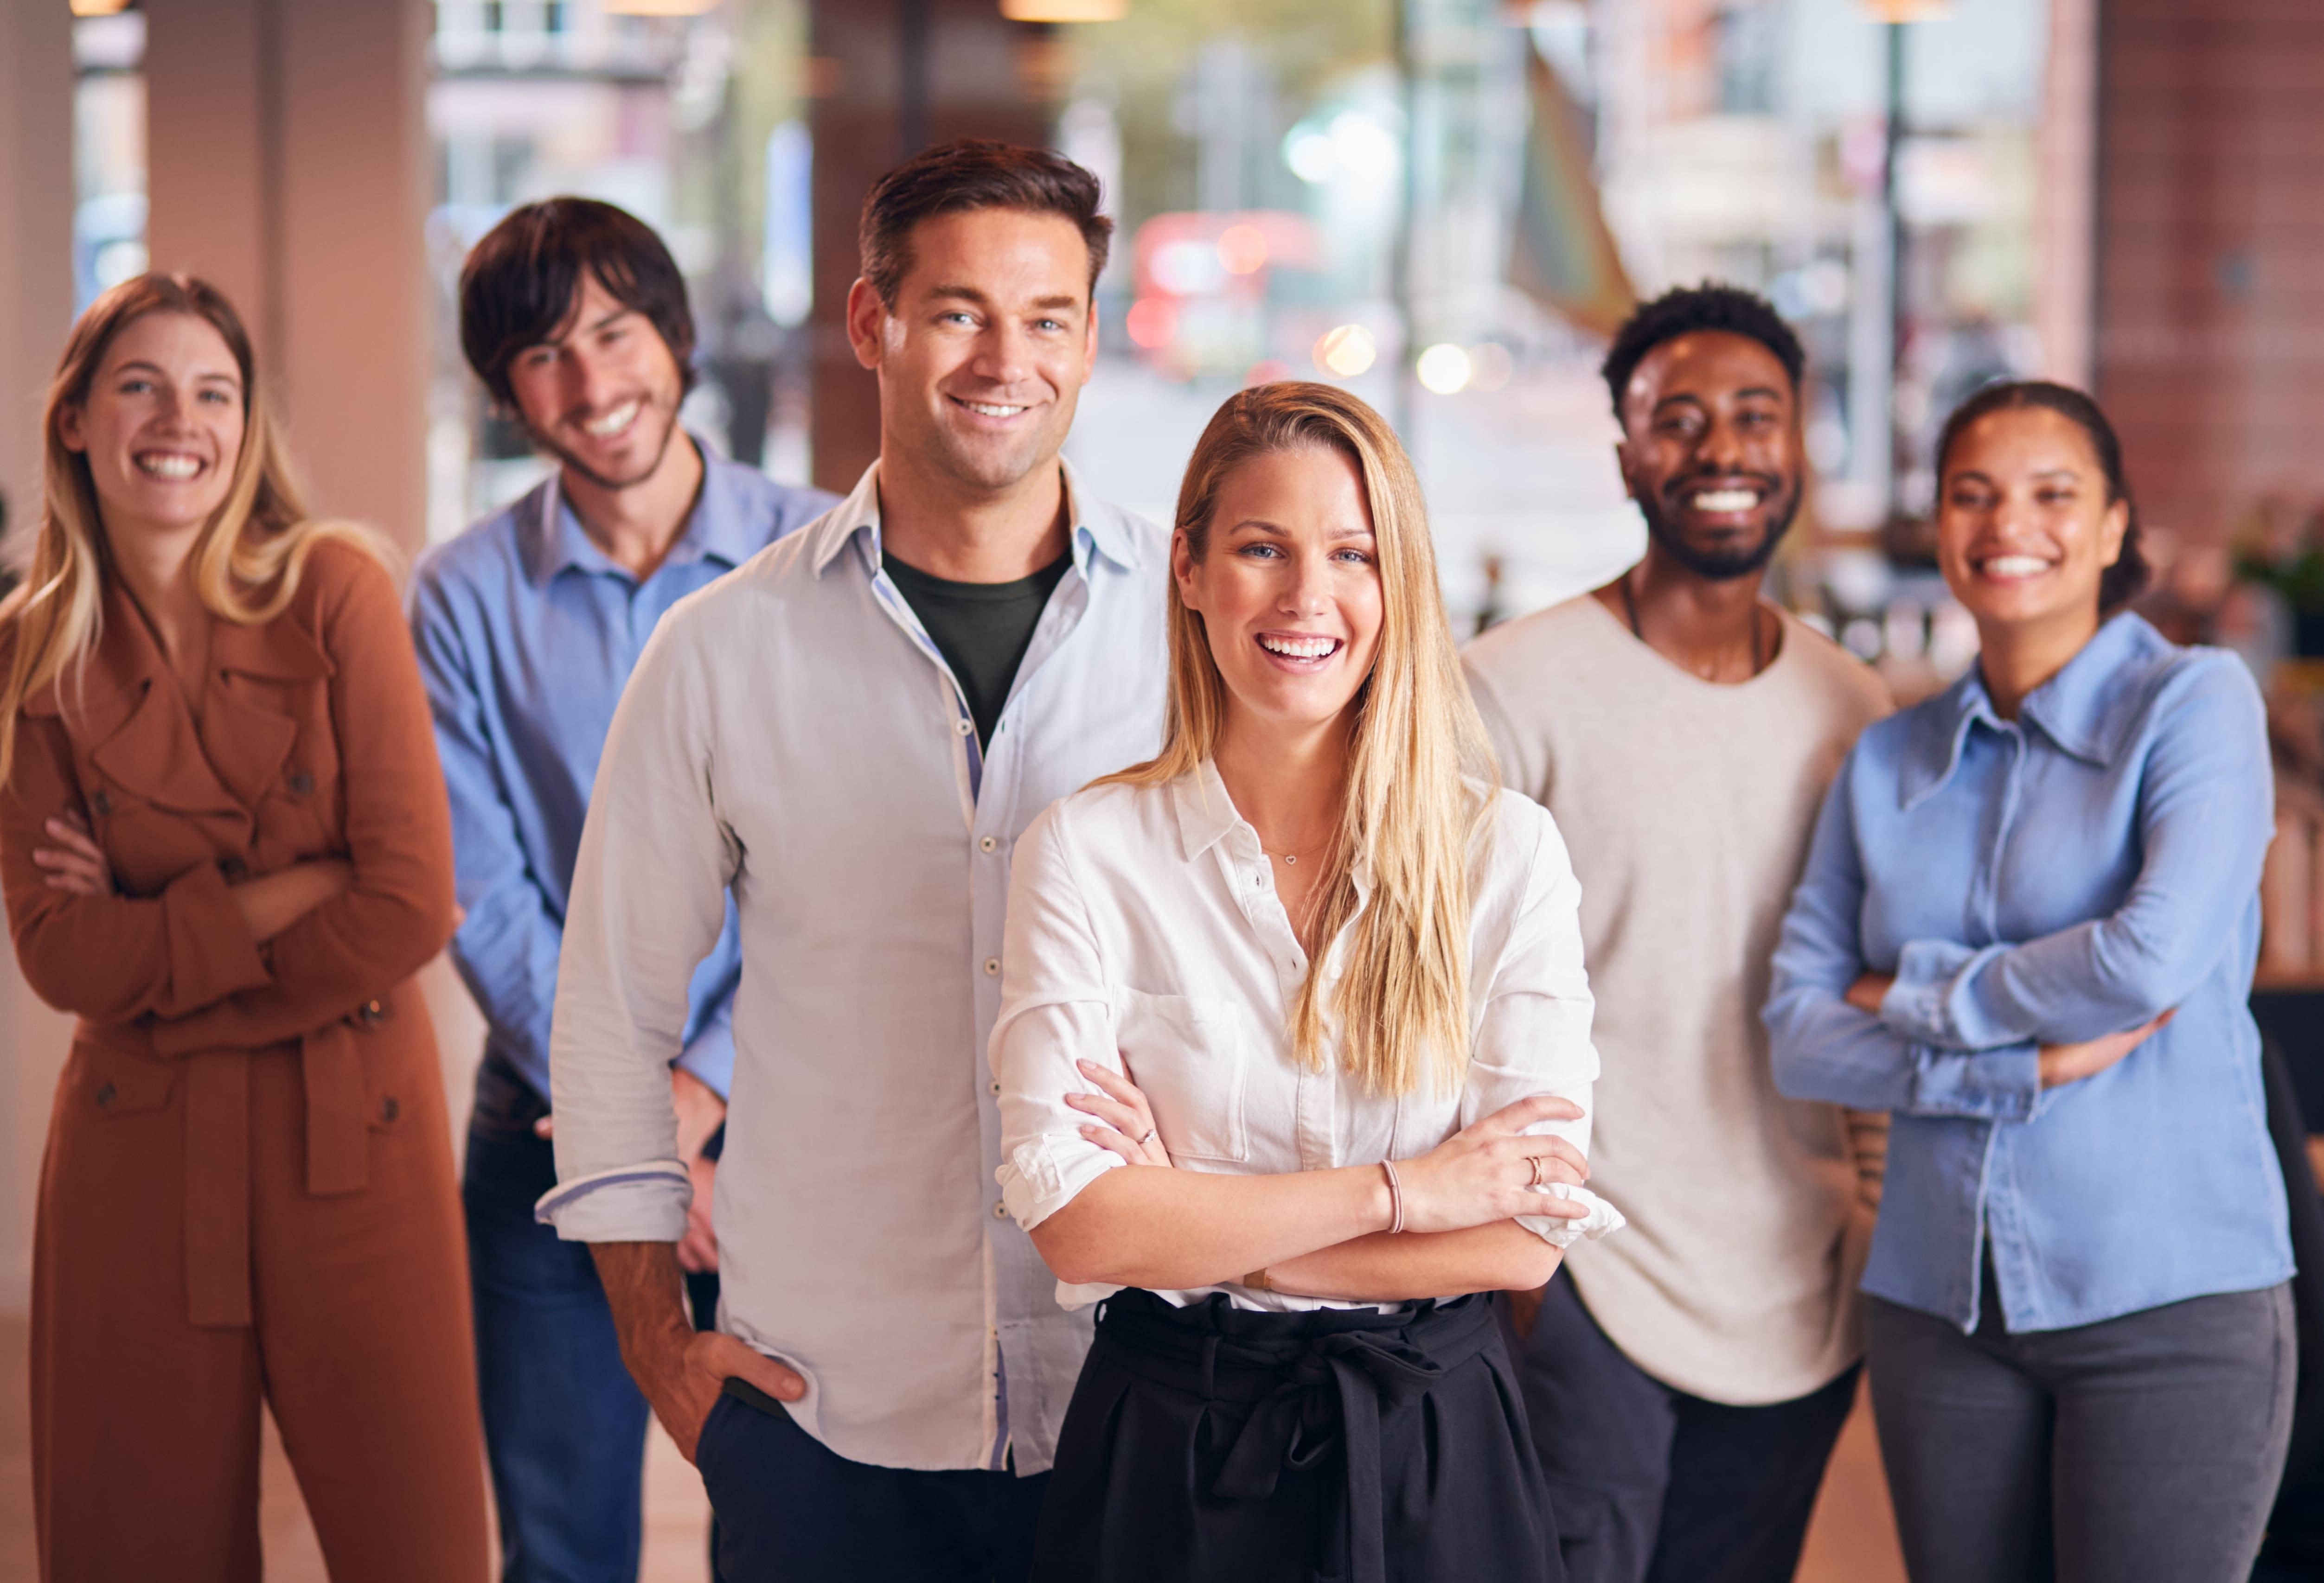 eine gesunde Unternehmenskultur